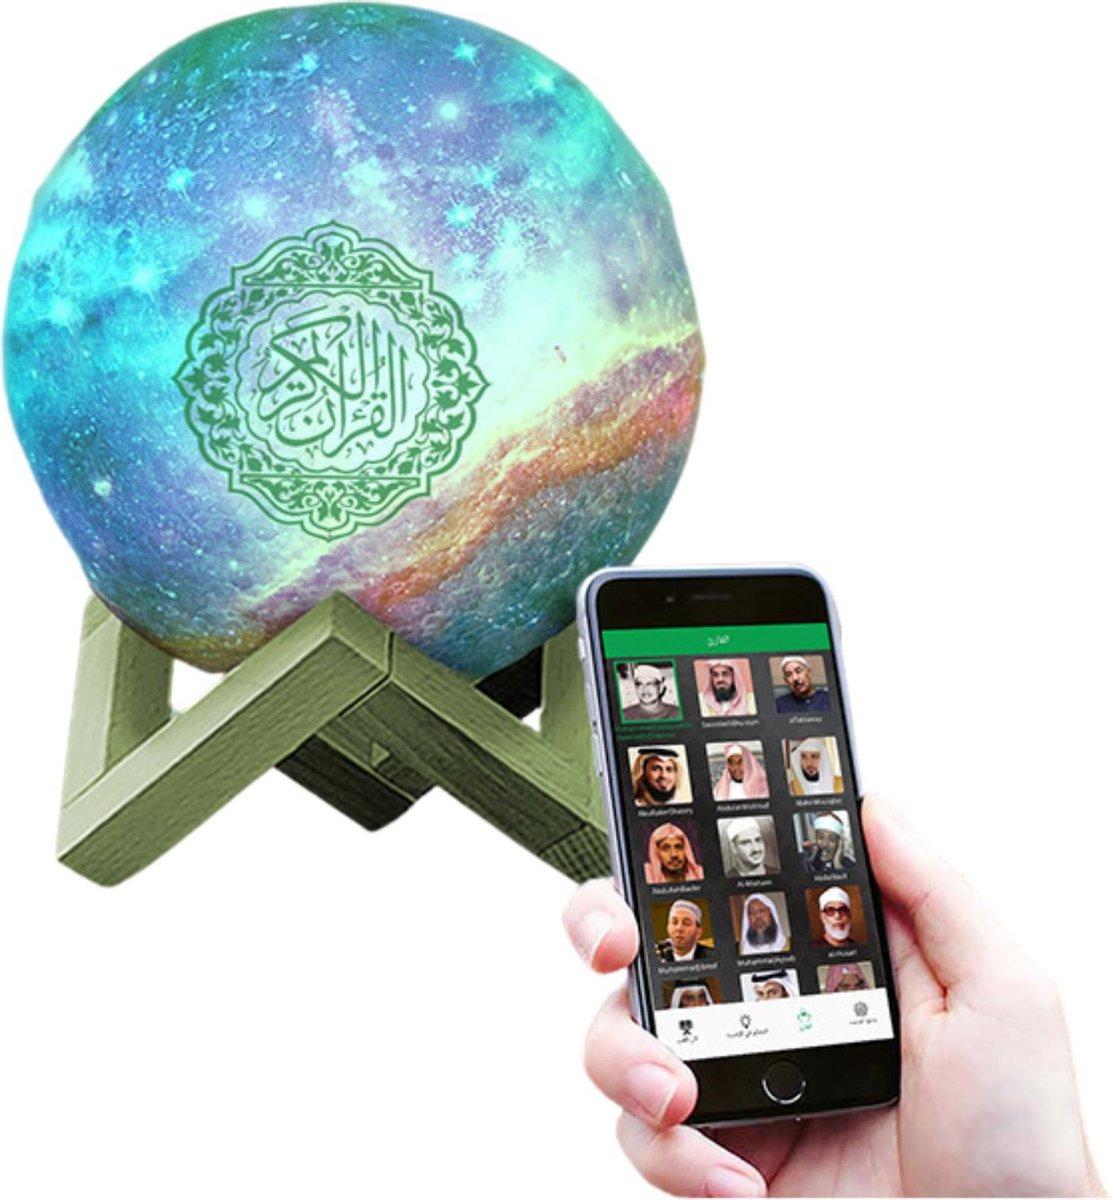 EQUANTU Tafellamp Bedienbaar via app - Tafellamp industrieel Draadloos - Koran Lamp 7 kleuren - Koran Speaker - Koran Lamp - Bluetooth Speaker - Smart Speaker - Dimbaar - Incl. Afstandsbediening - 15 CM